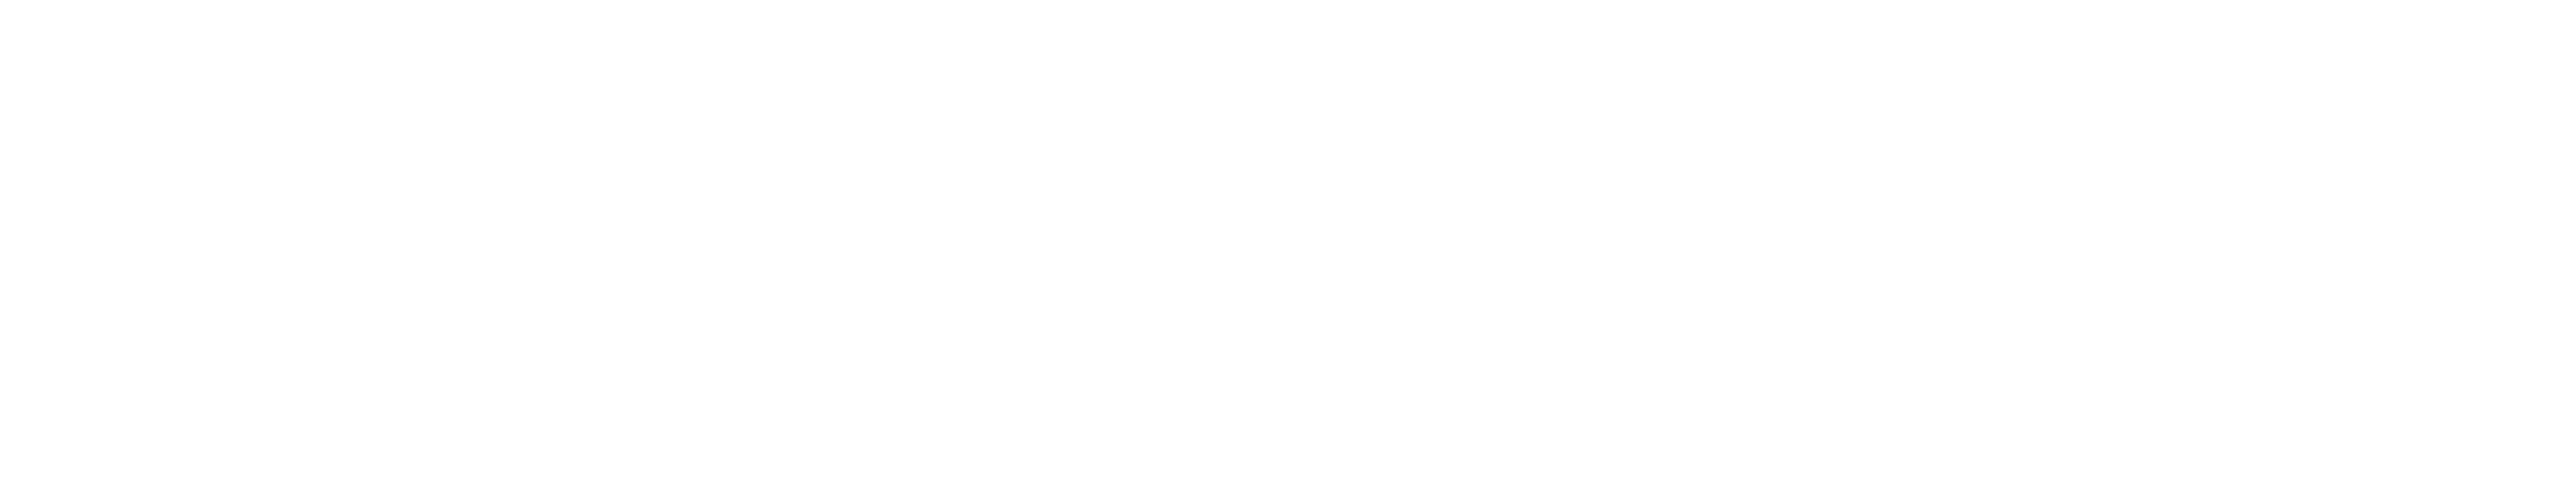 Alon Livné Official Website